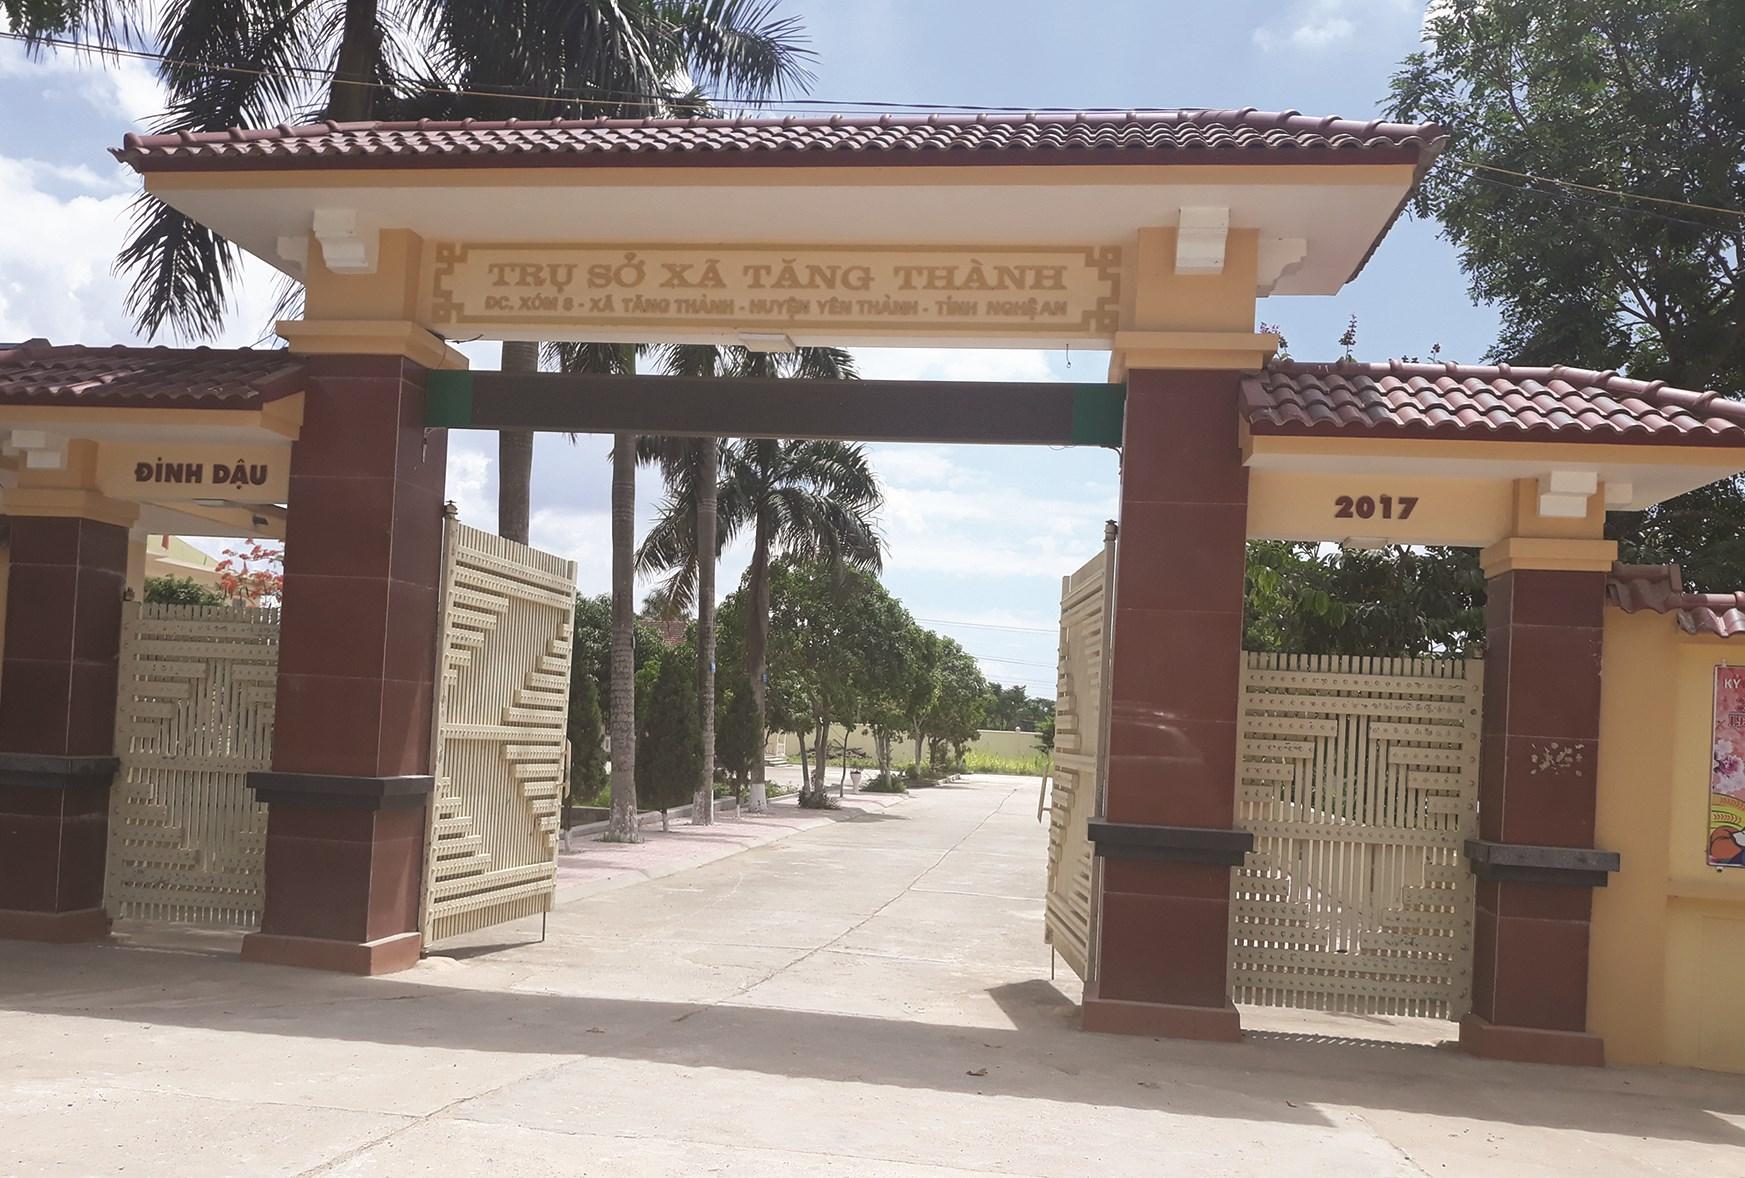 Trụ sở UBND xã Tăng Thành, nơi bà Vũ Thị Linh công tác